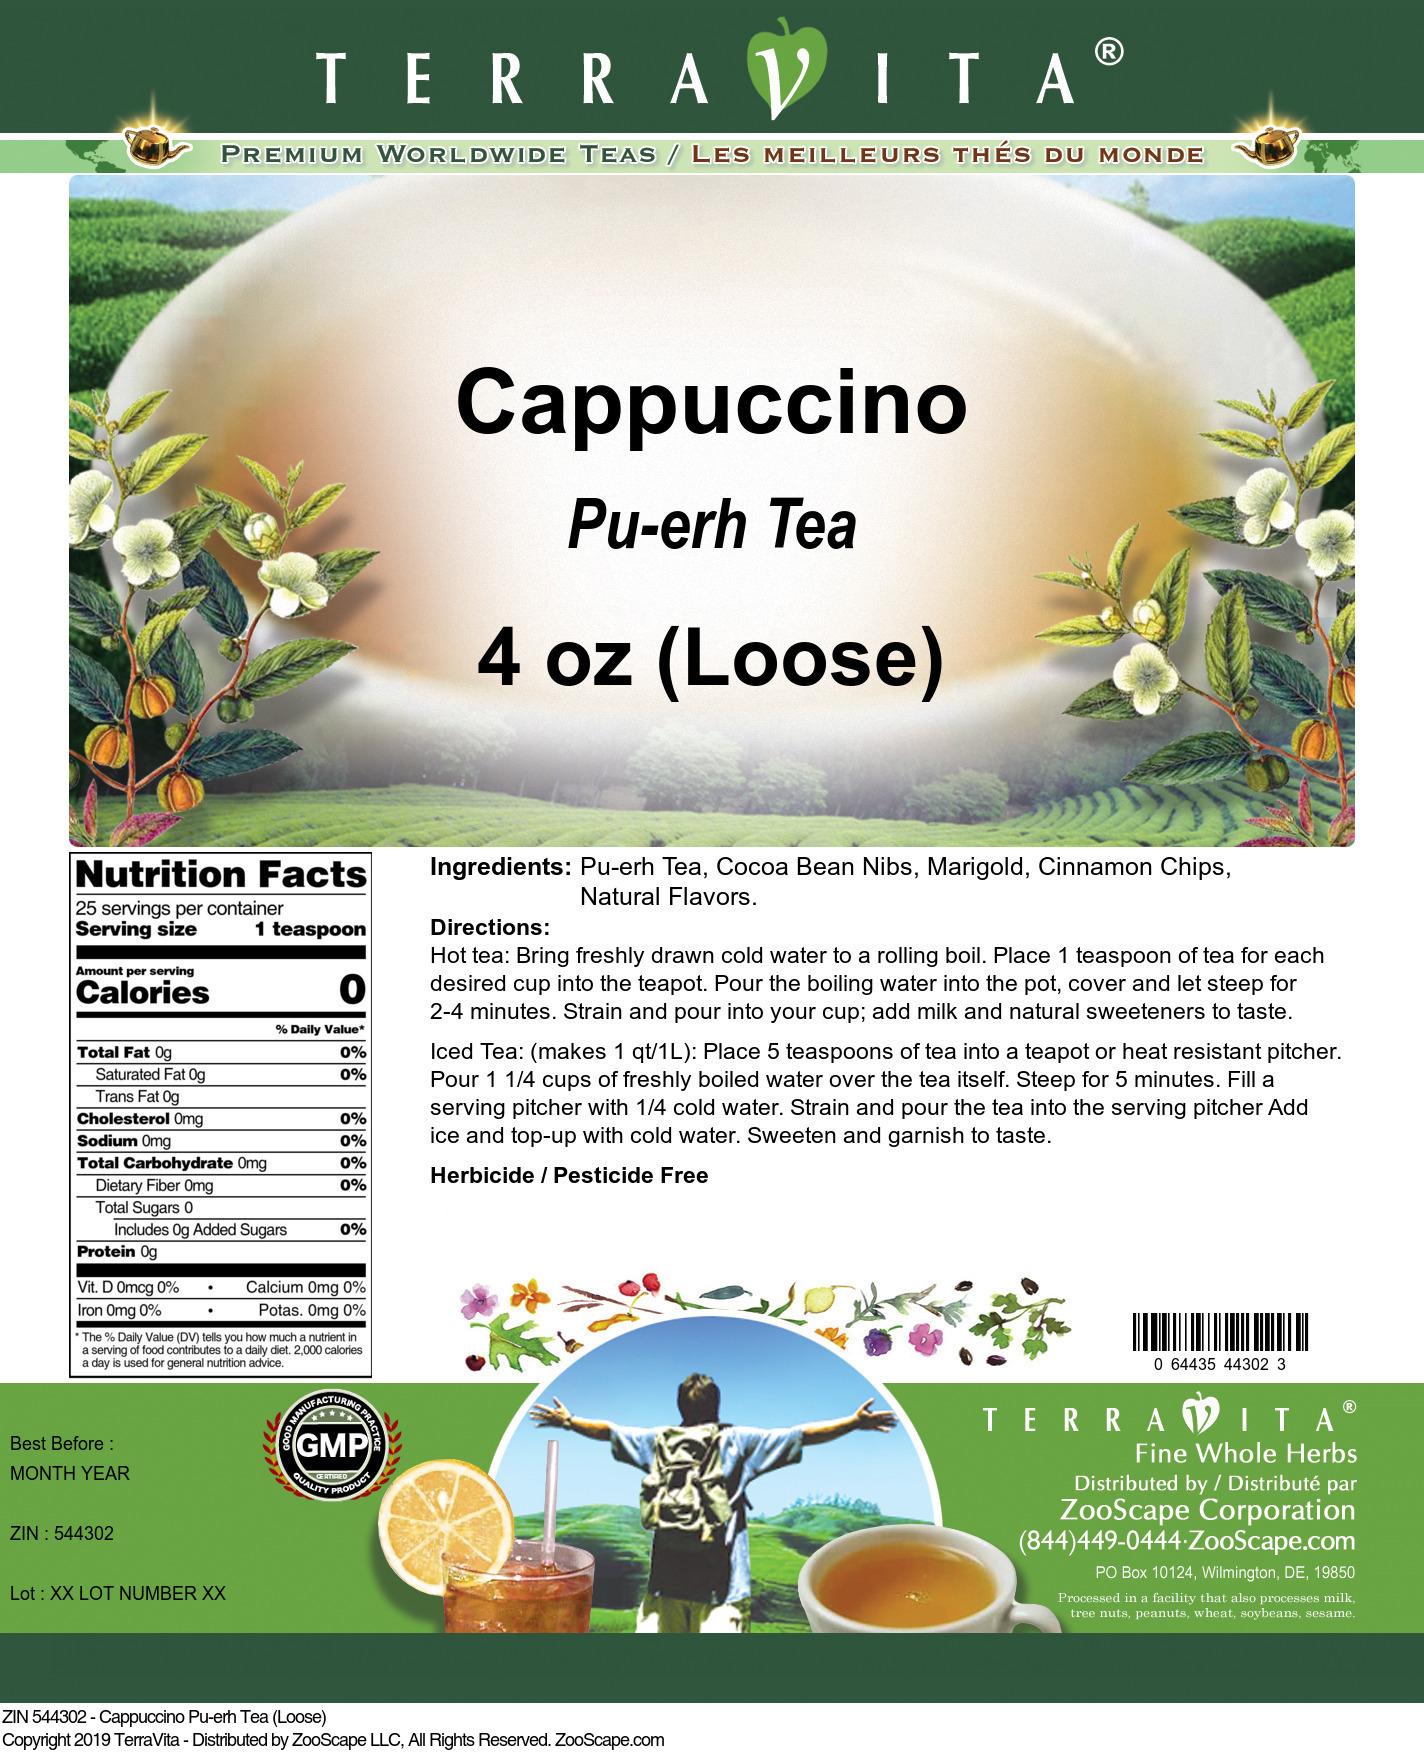 Cappuccino Pu-erh Tea